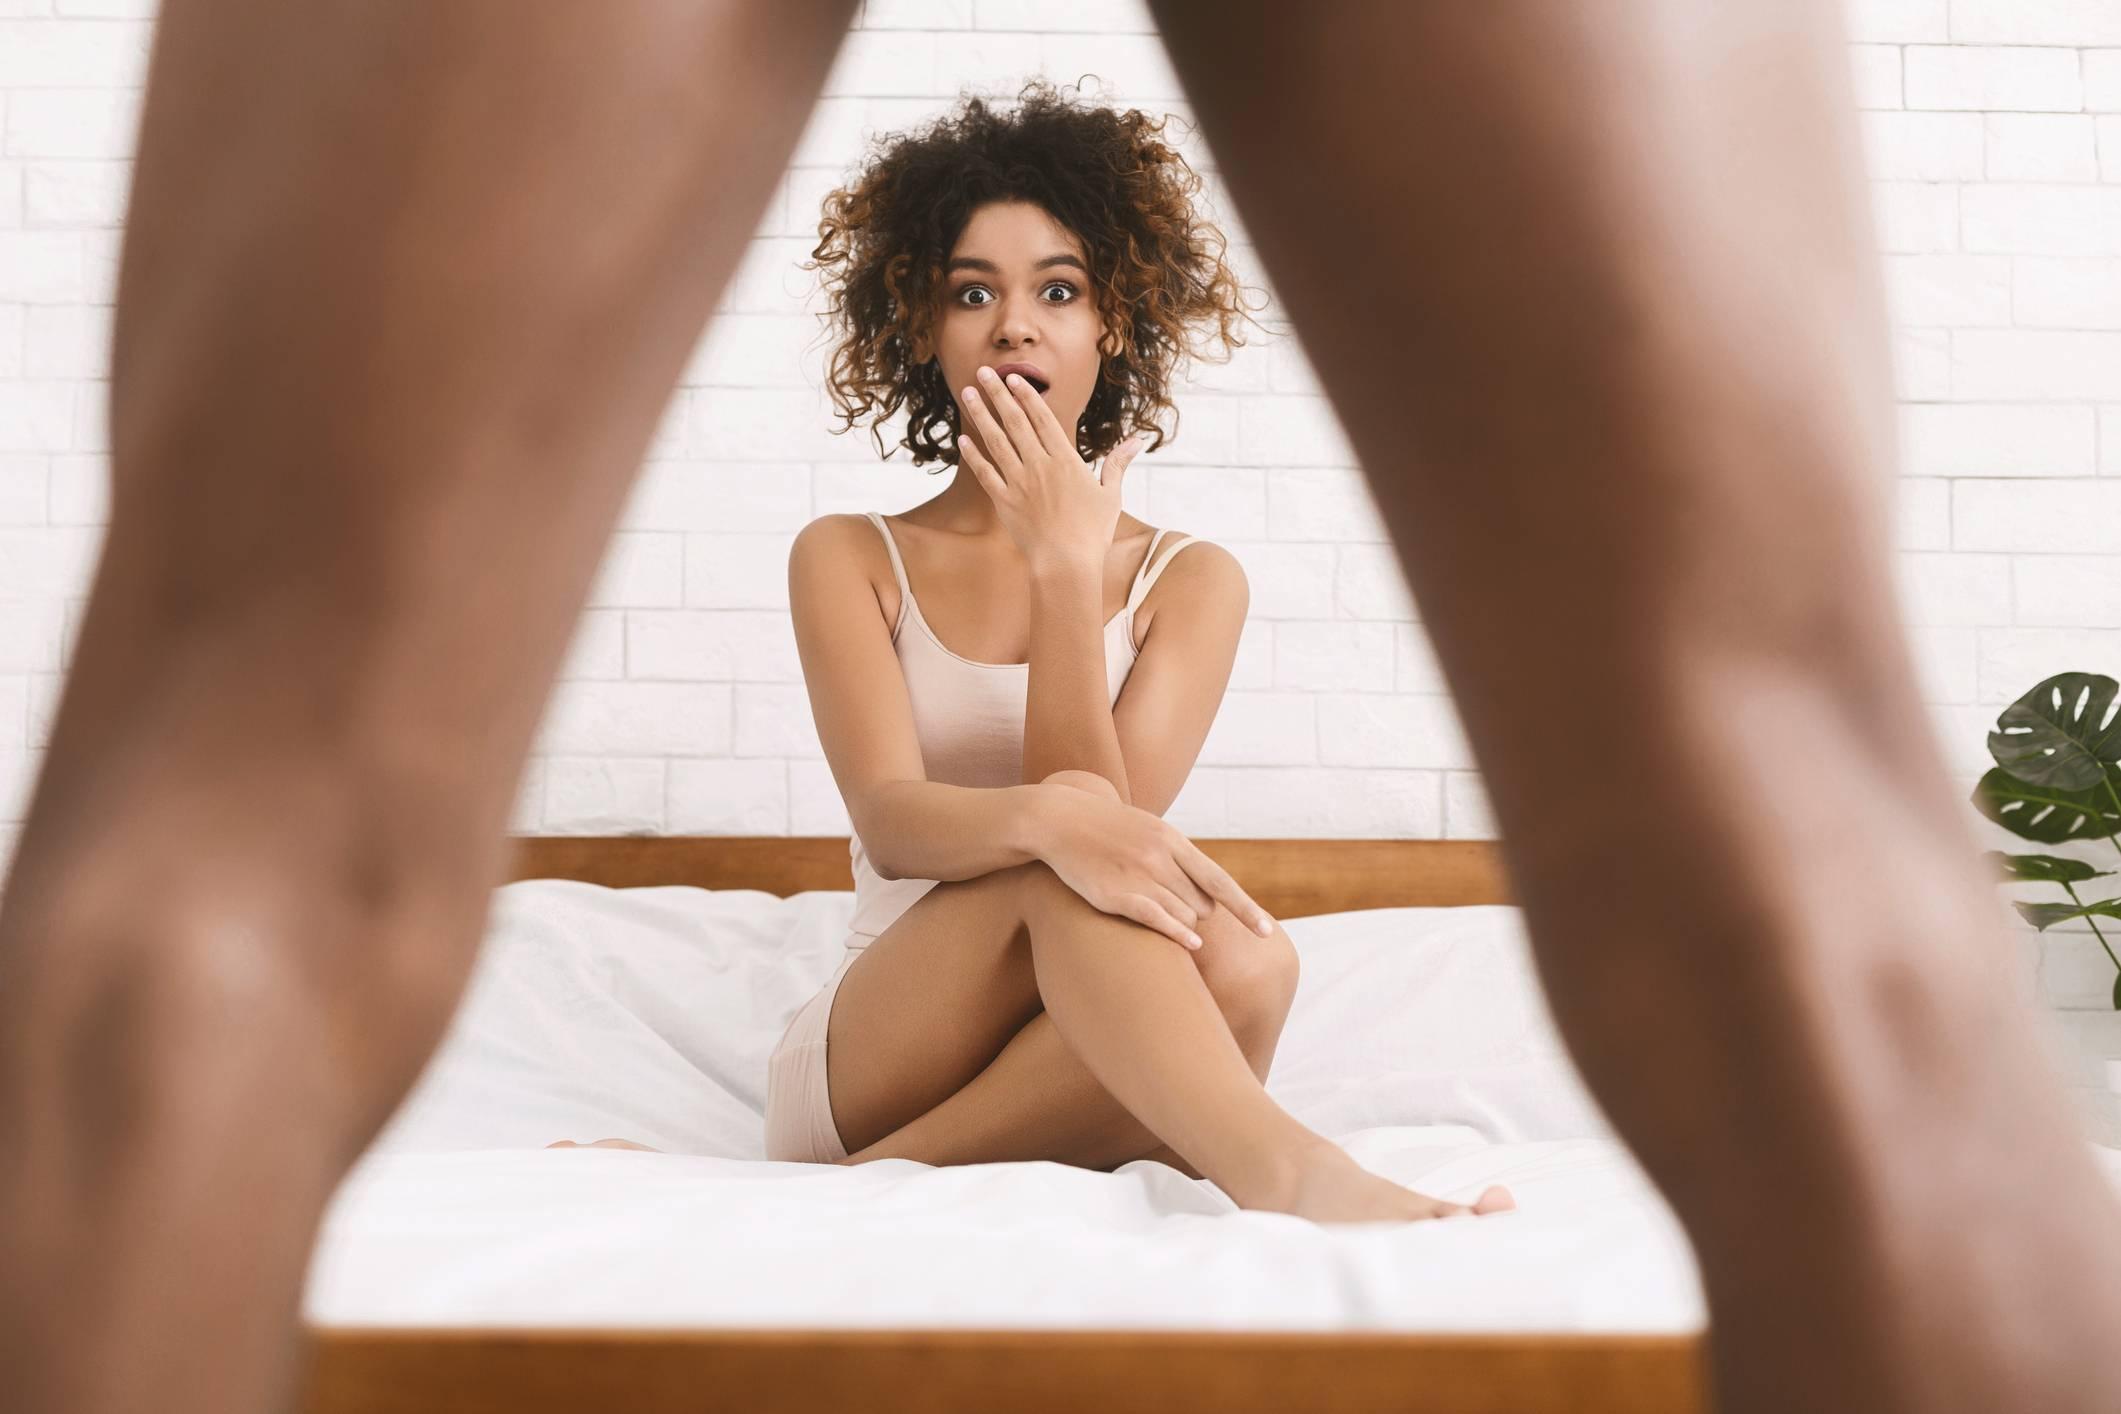 ha merevedési zavar lép fel hogyan lehet maximalizálni a péniszét